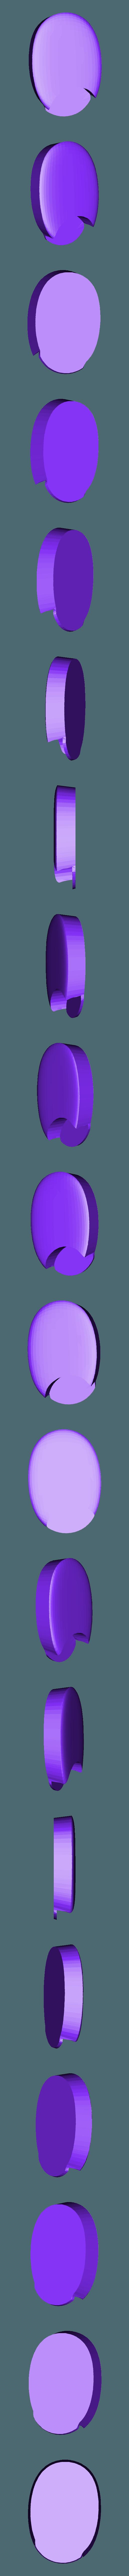 eyewhite_left.stl Télécharger fichier STL gratuit Bébé Chat Potté • Objet à imprimer en 3D, reddadsteve